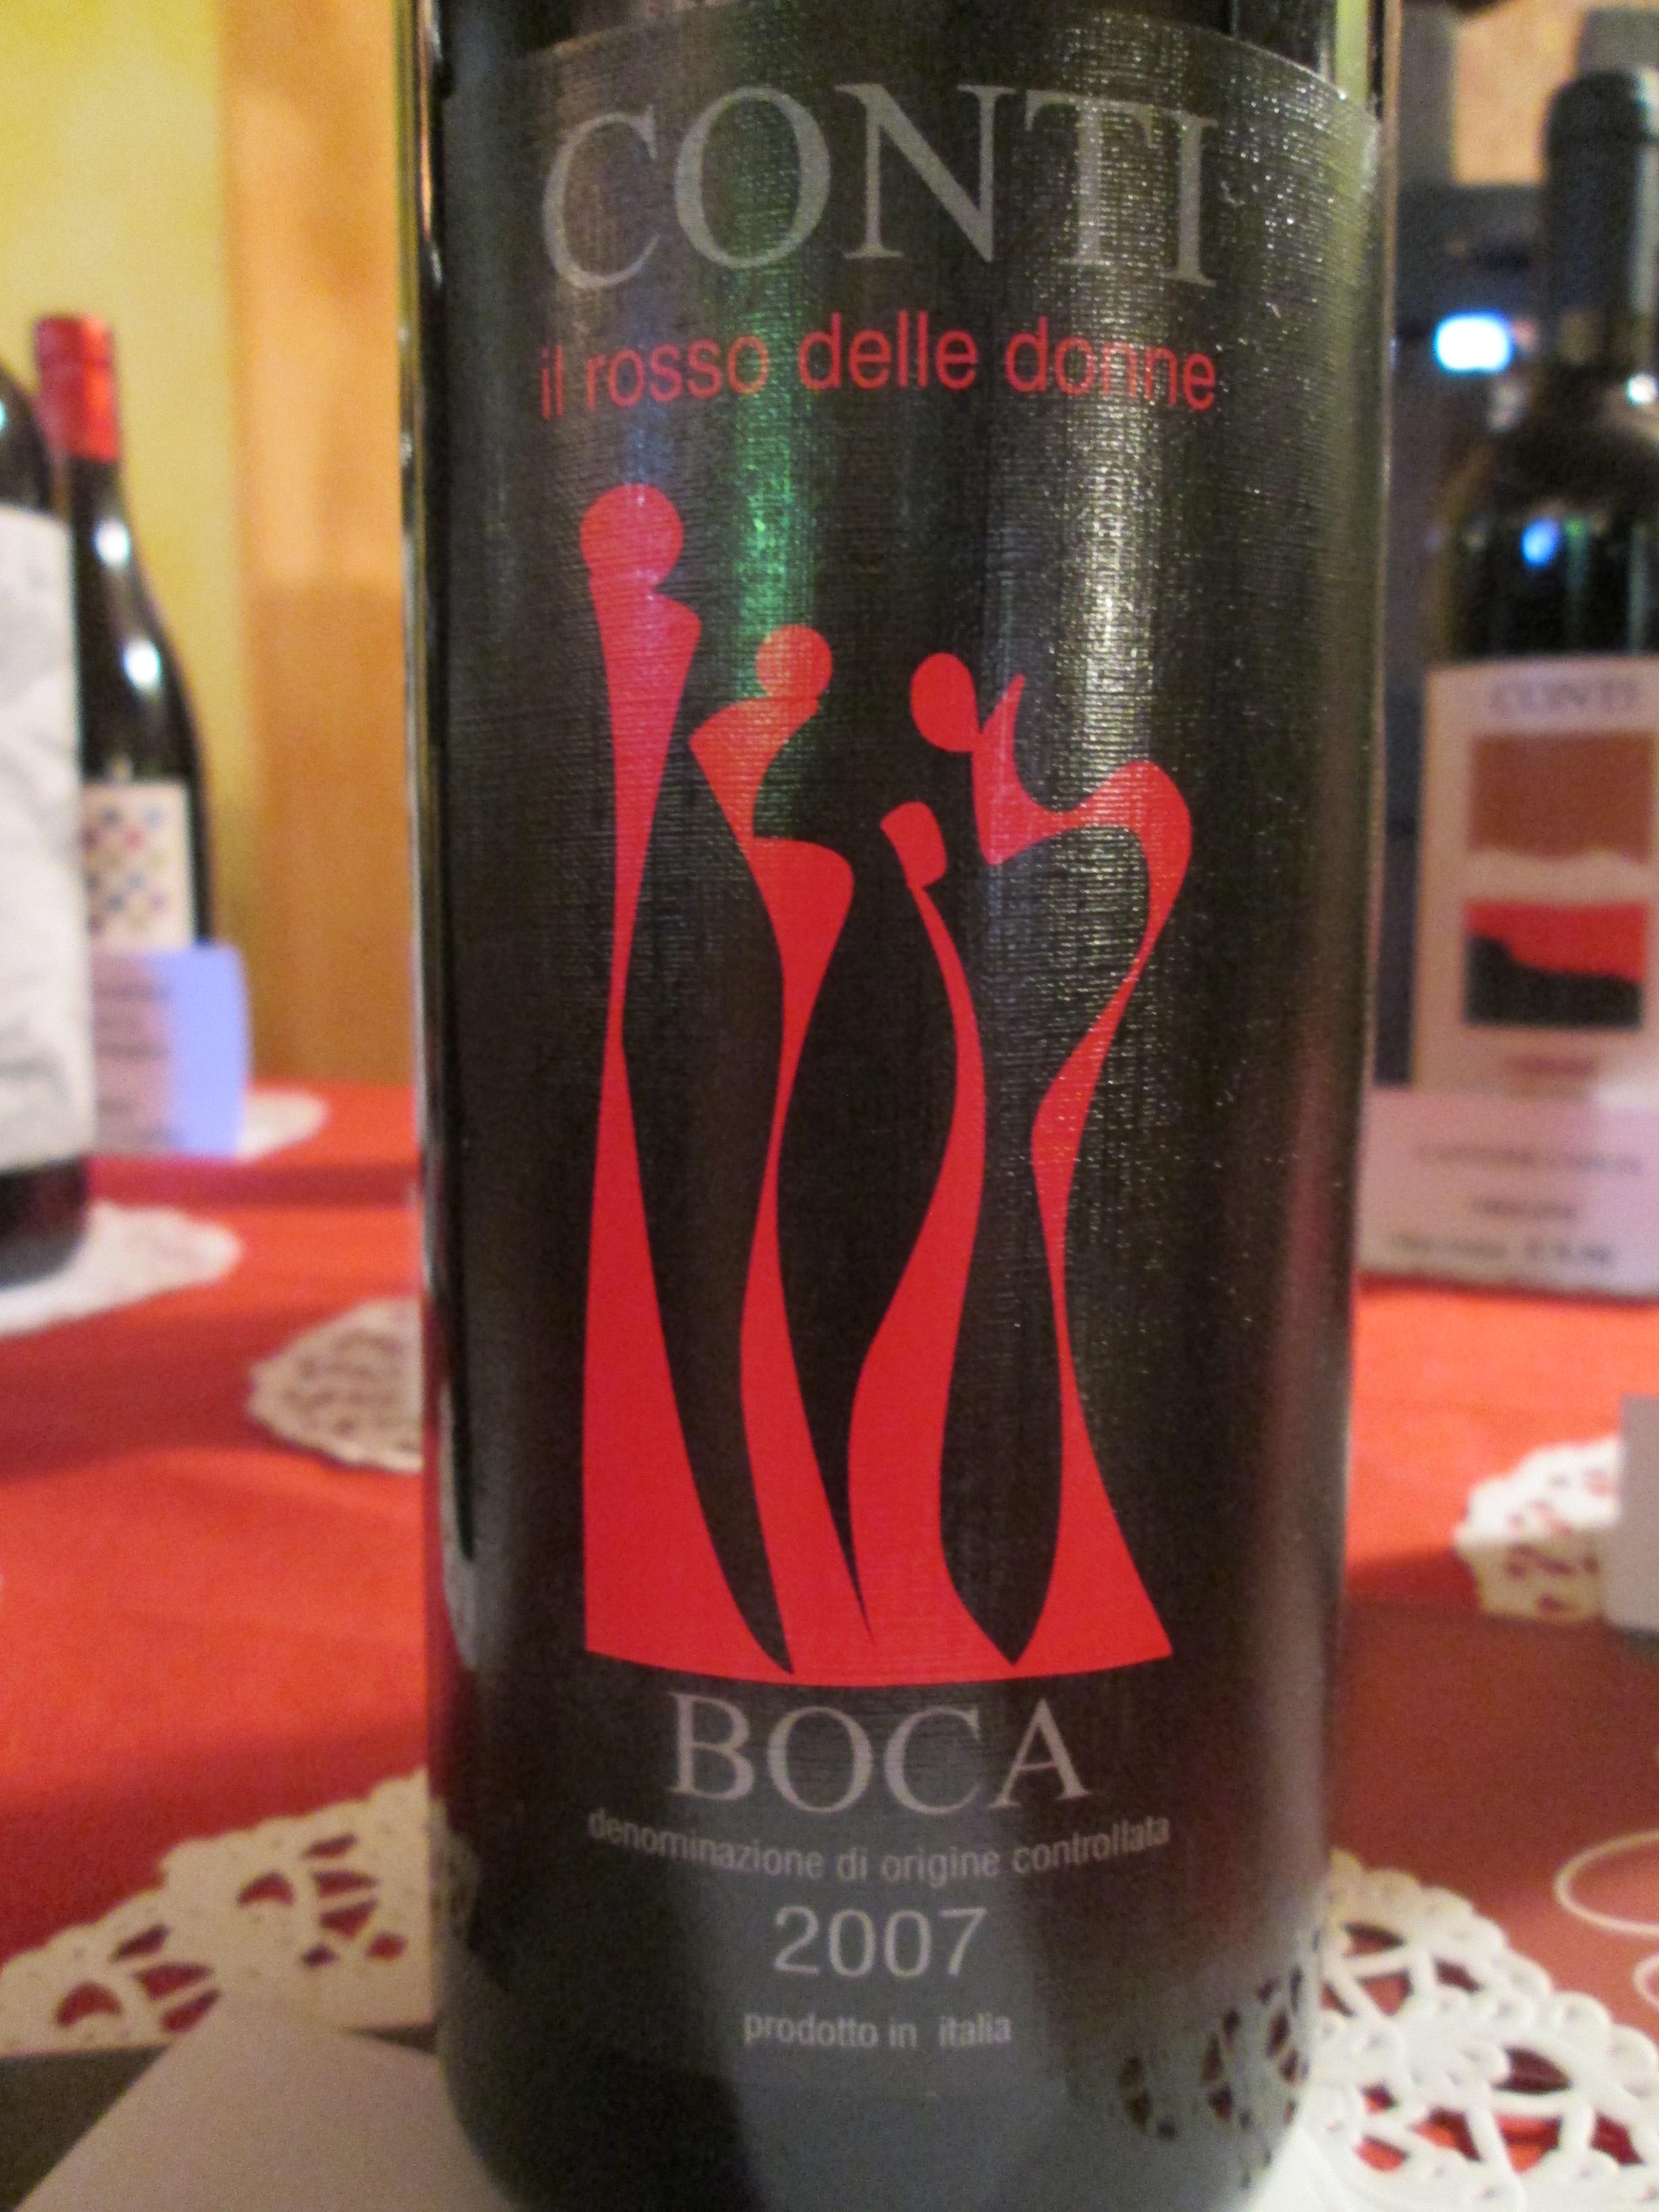 Boca 2007 Conti